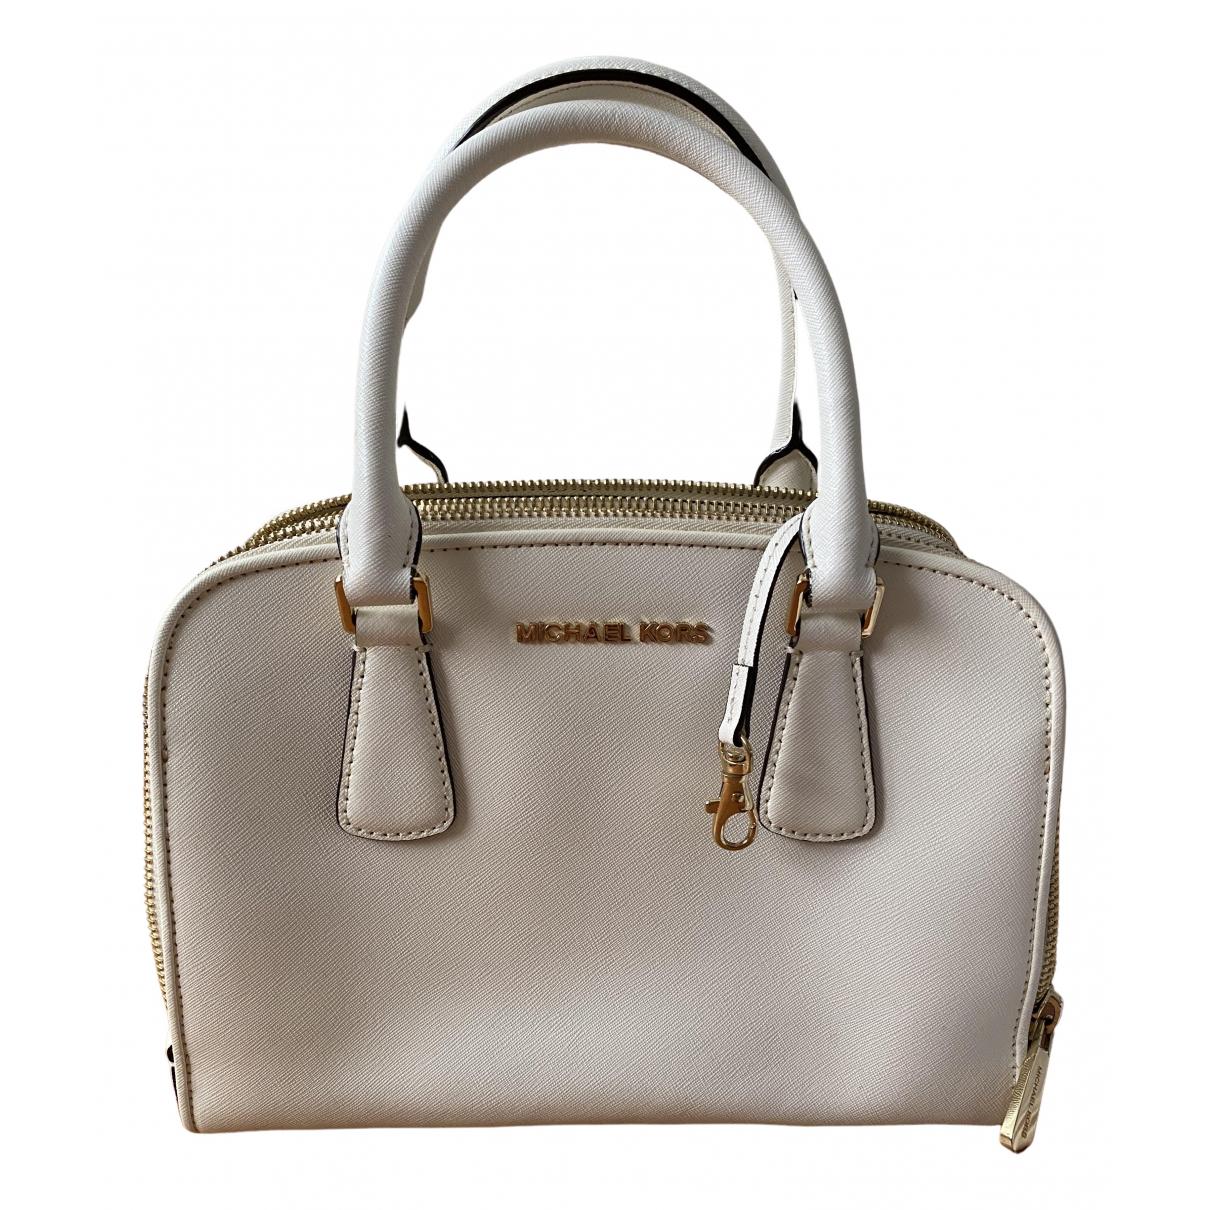 Michael Kors N White Cloth handbag for Women N